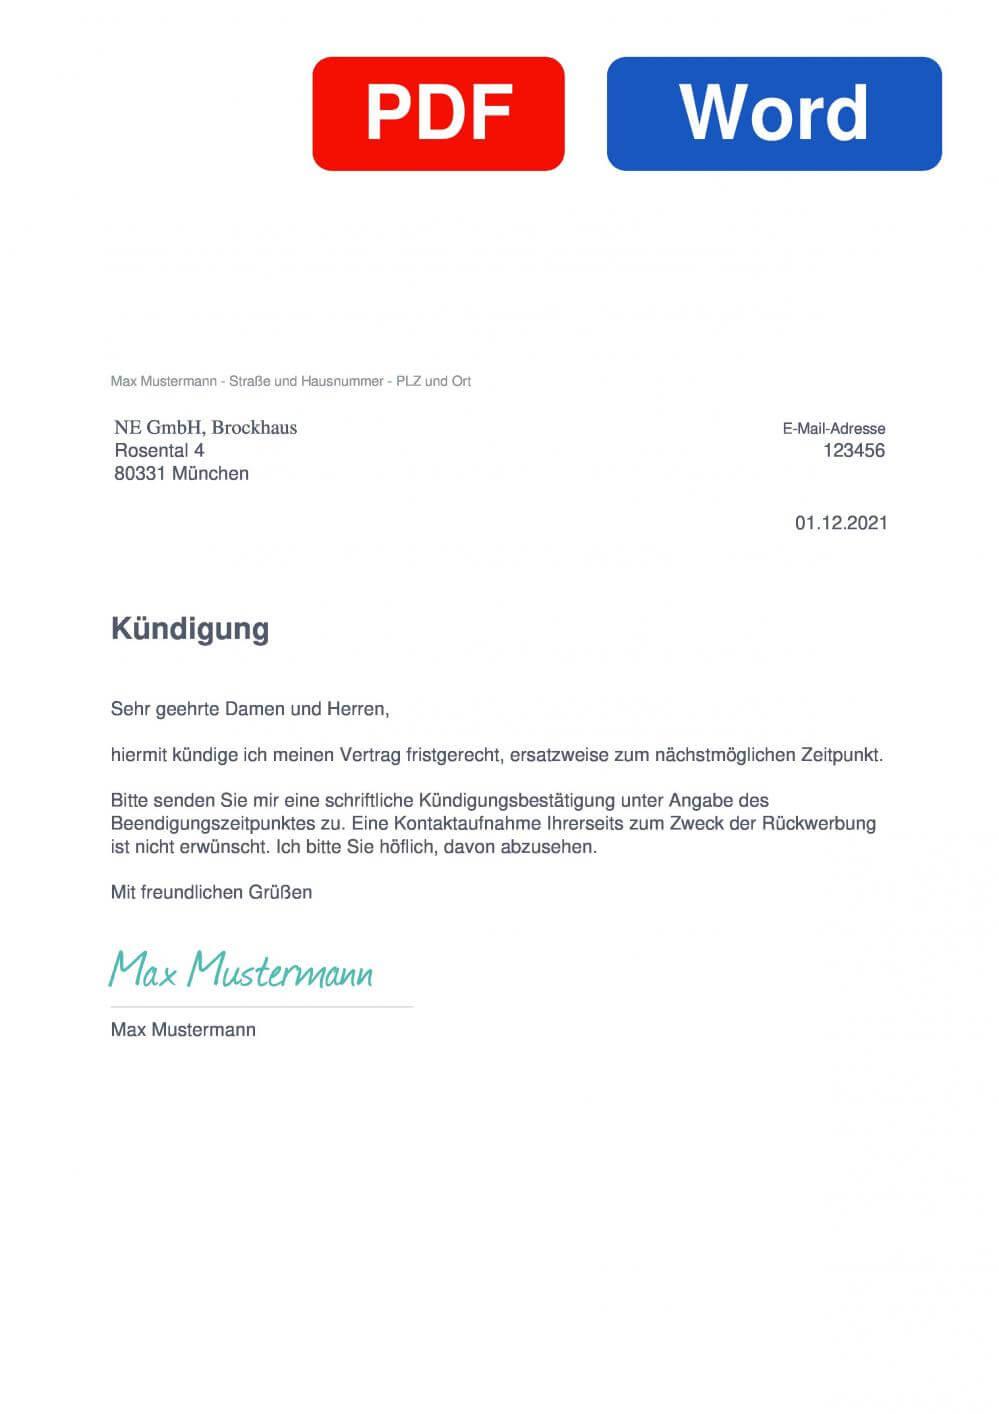 Brockhaus Muster Vorlage für Kündigungsschreiben